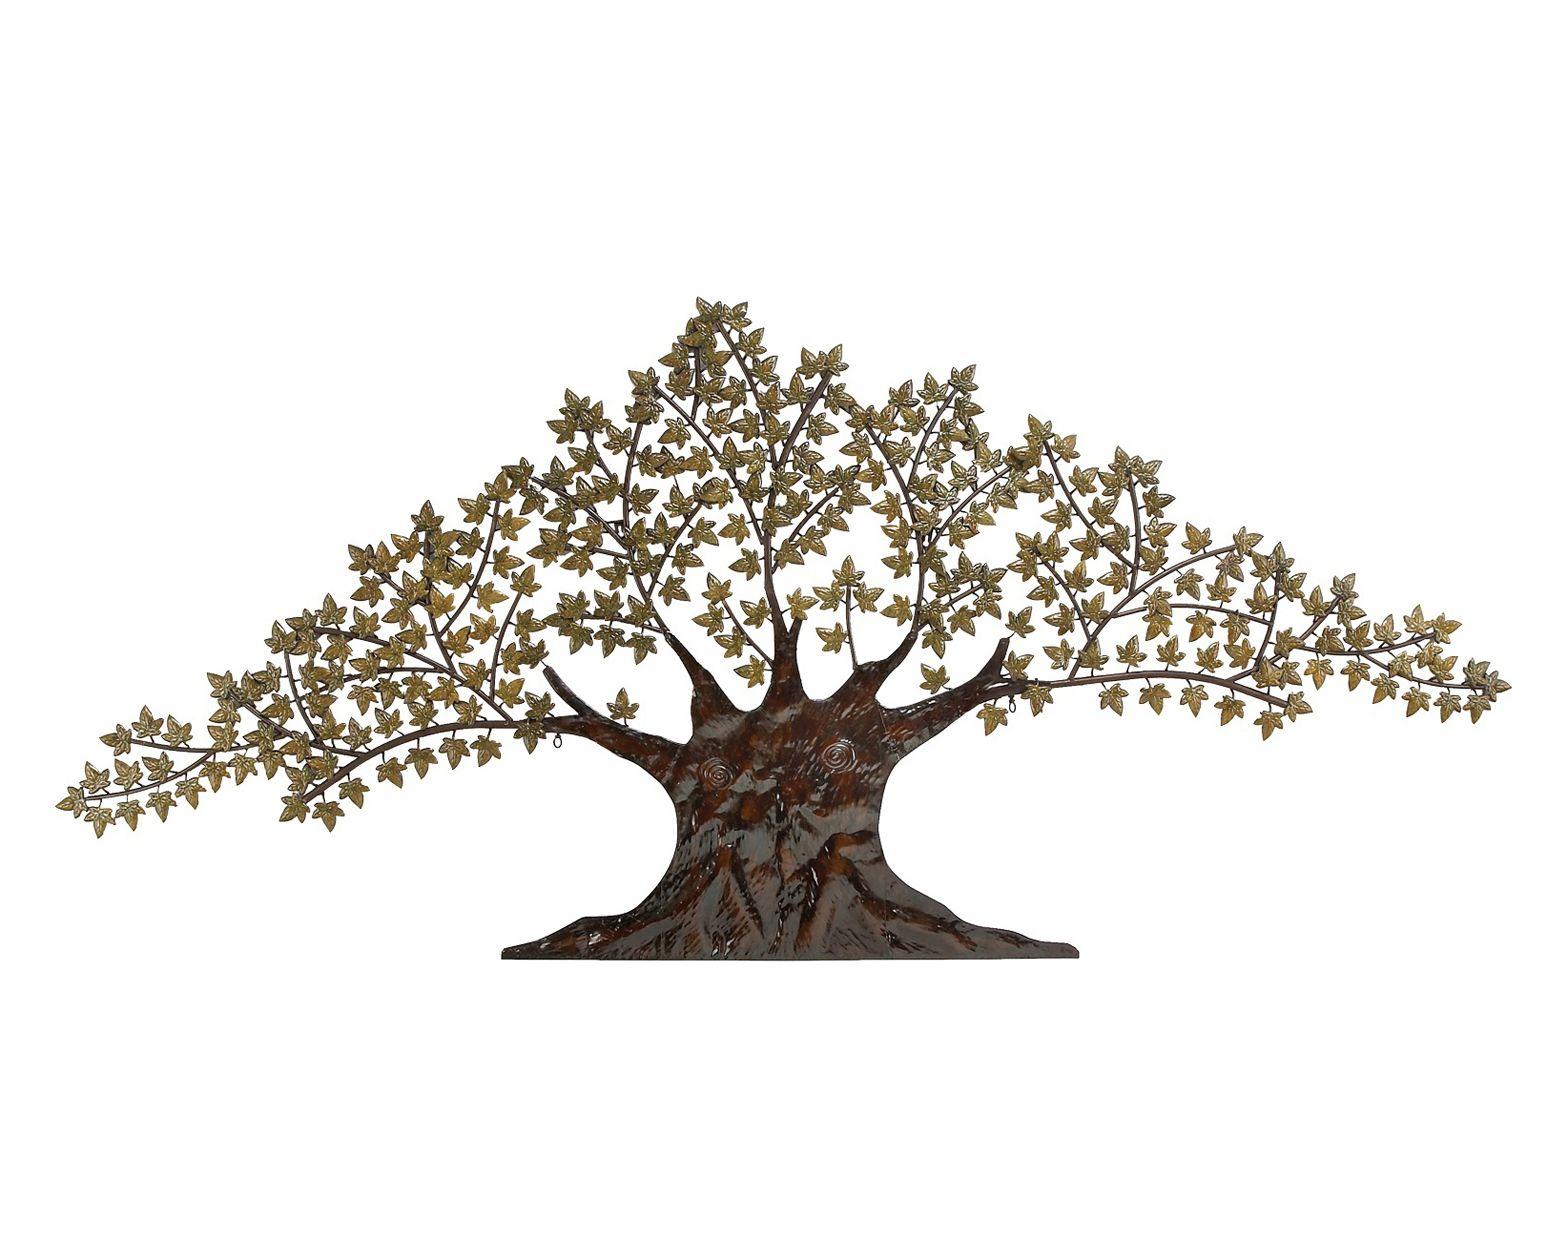 Large Metal Tree Wall Hanging Material Metal Weight 14Lbsmounting Hardware Hanging Keyholes